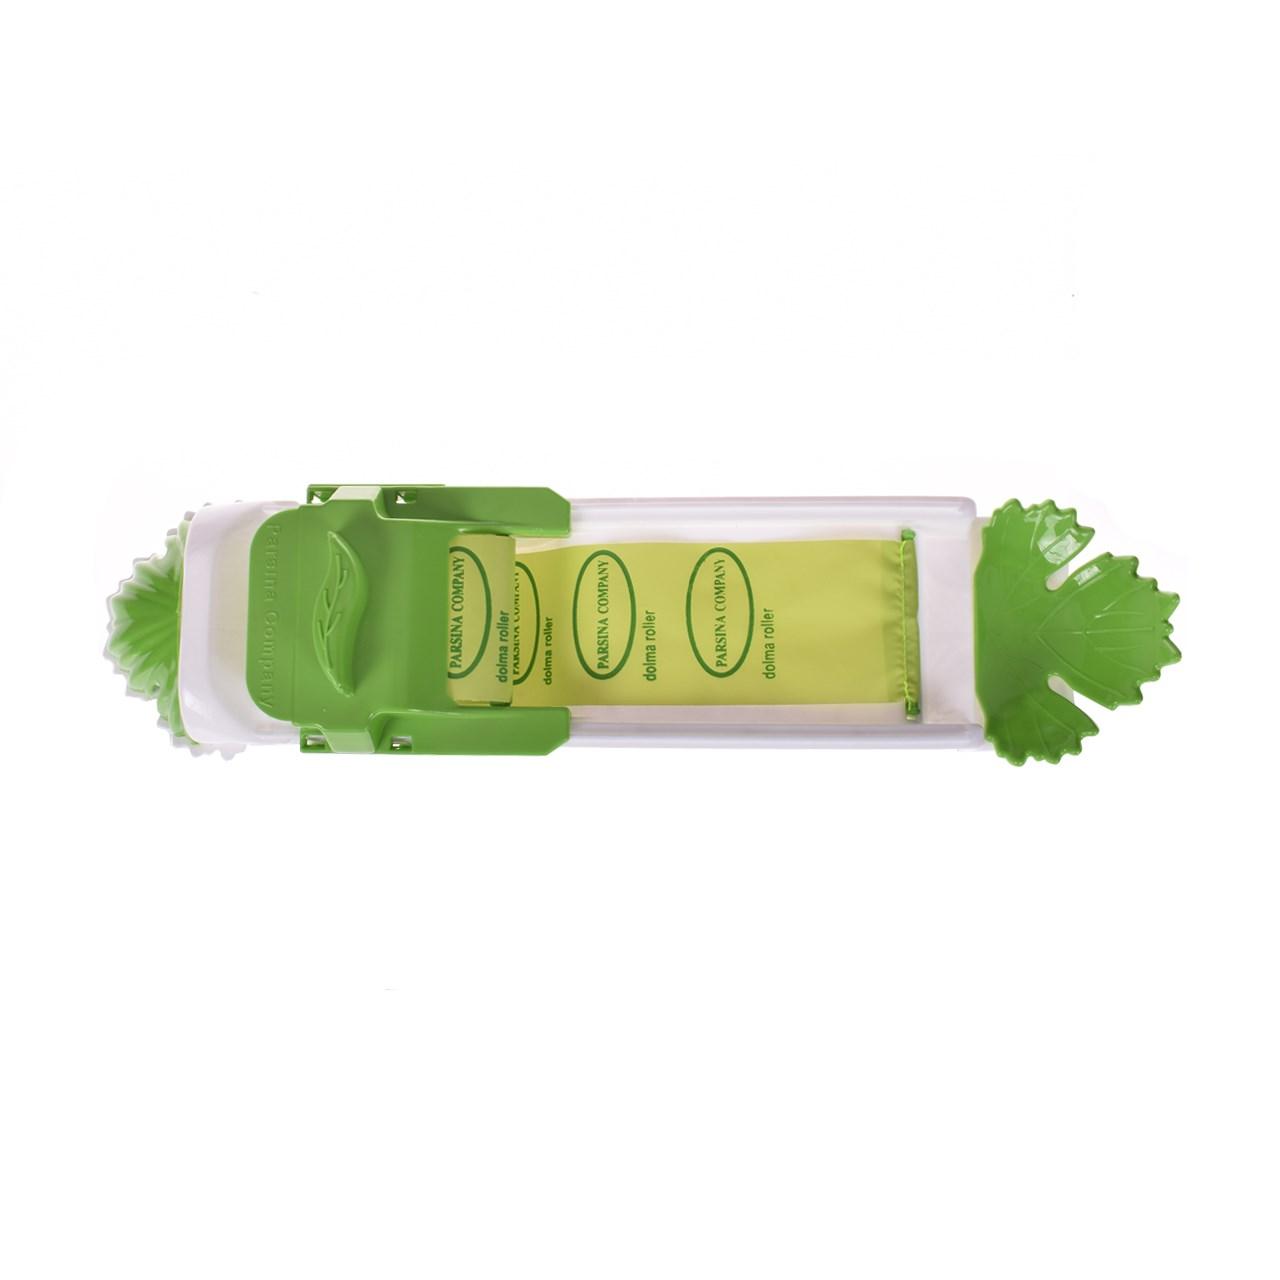 دلمه پیچ پارسینا مدل Quick Roller